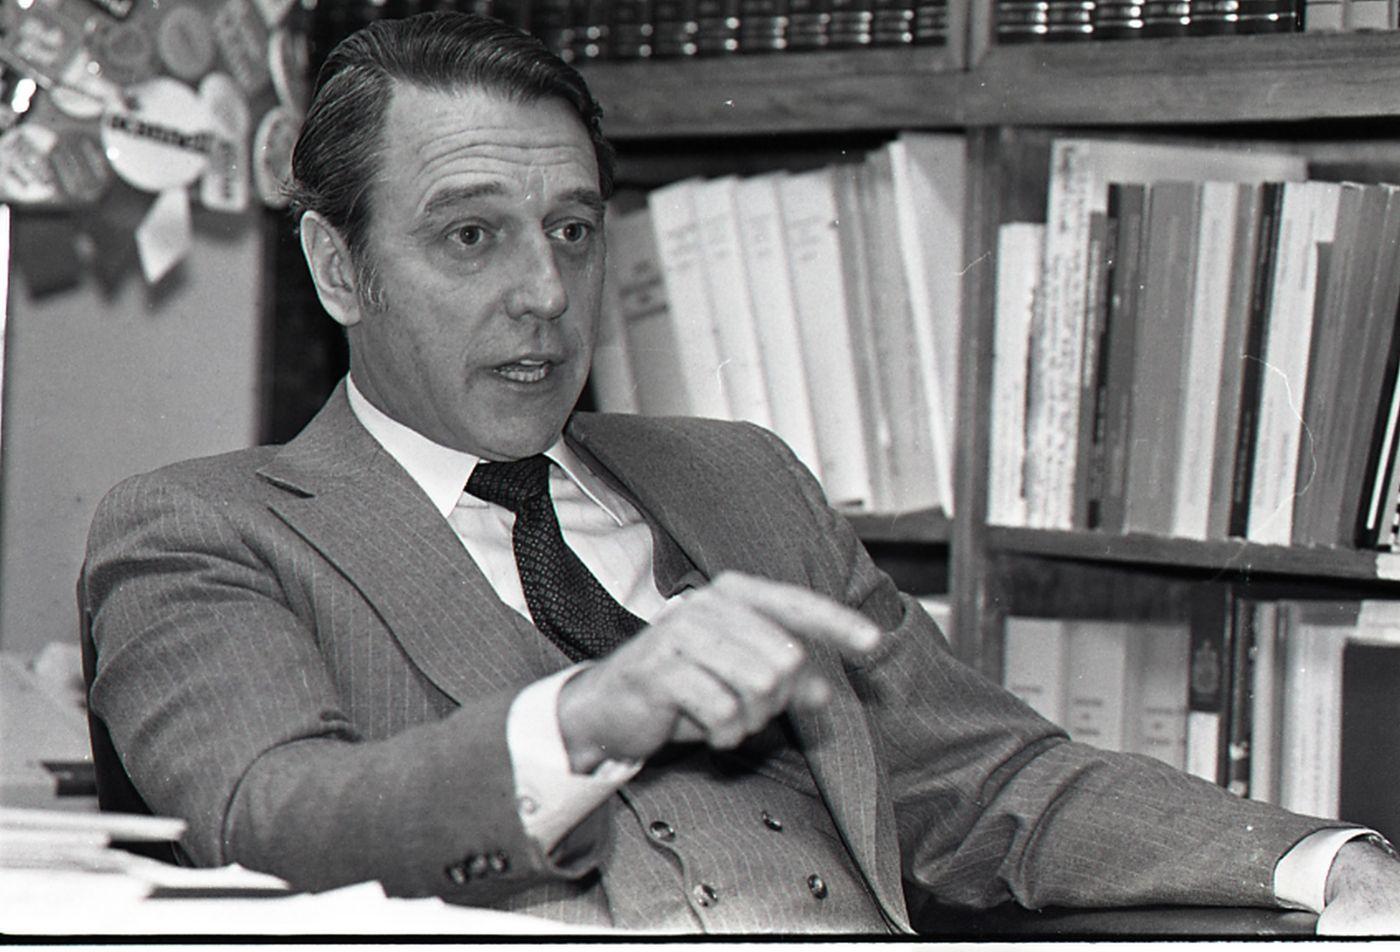 Photographie en noir et blanc d'un homme d'âge moyen, en complet et cravate. L'homme est assis devant les rayons d'une bibliothèque. Sa bouche est entrouverte et il pointe l'index de sa droite vers l'objectif.